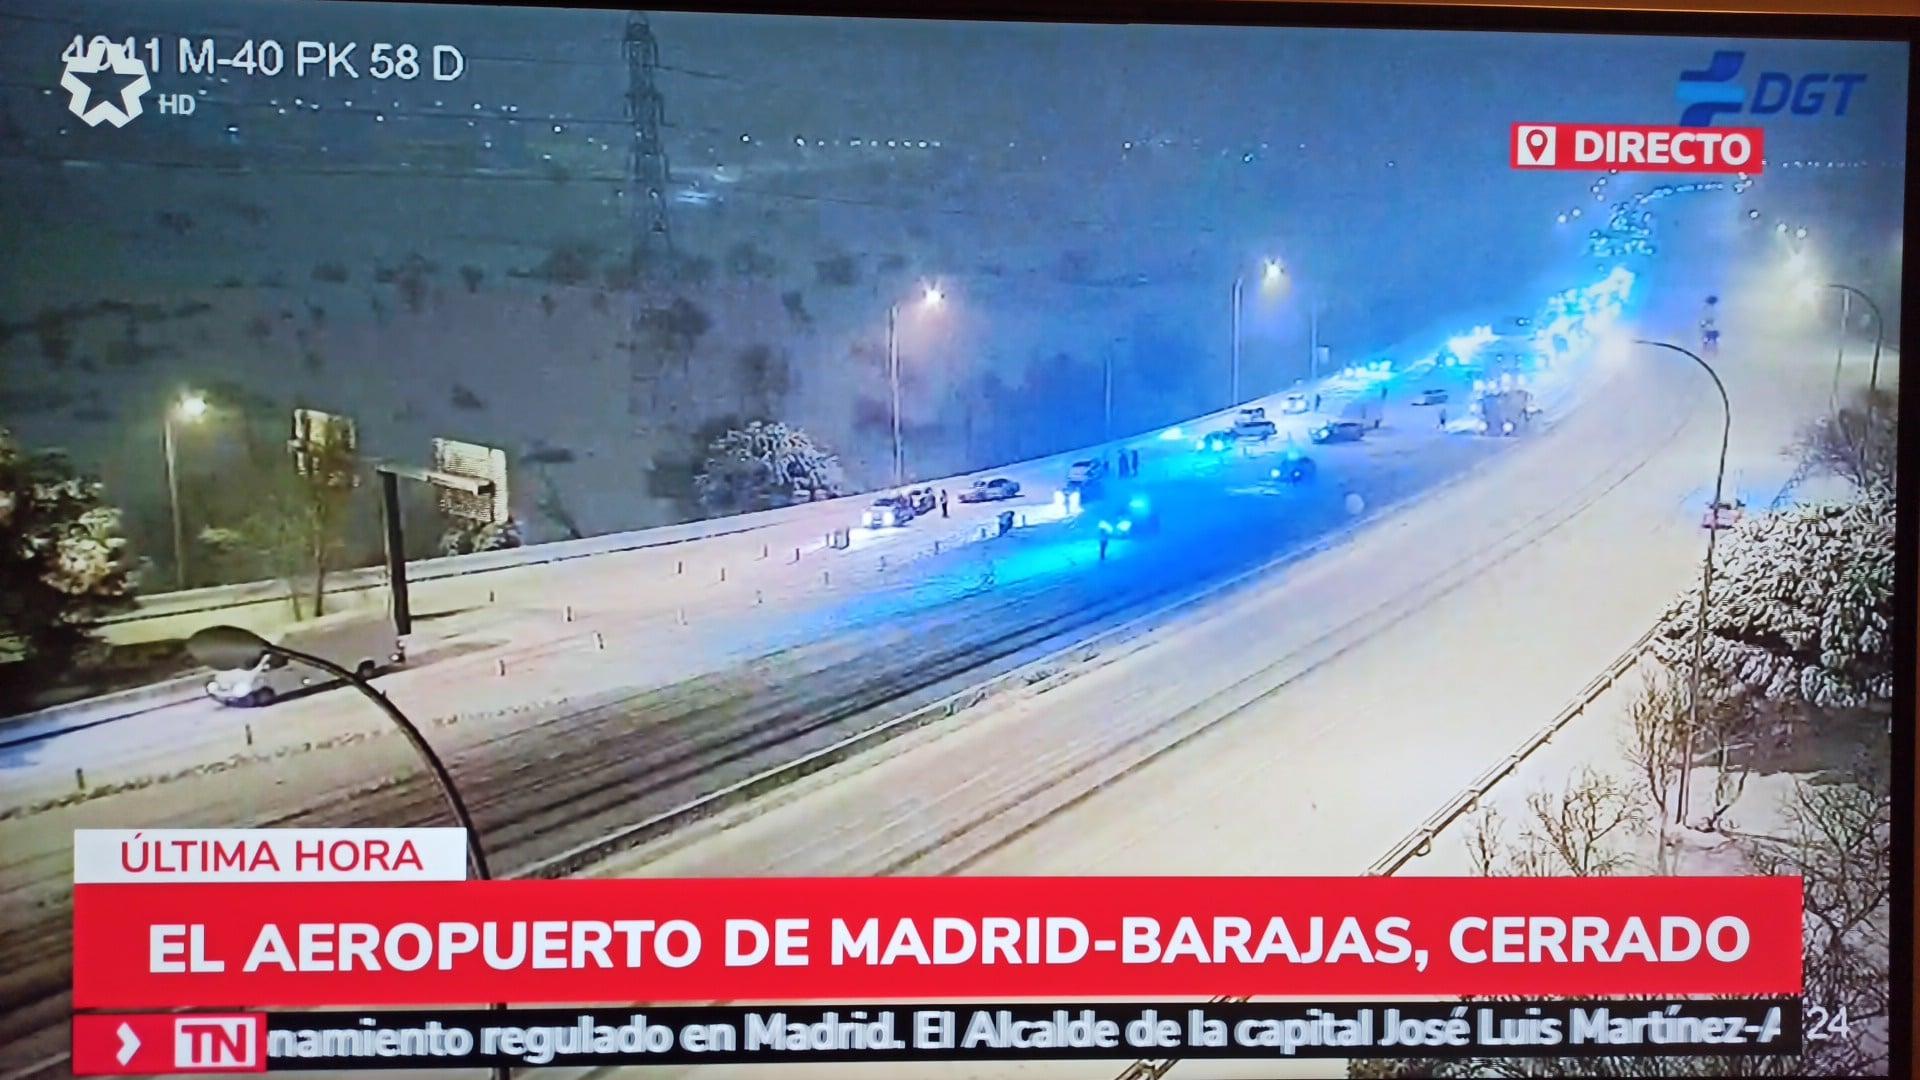 Alle Zug und Flugverbindungen nach und von Madrid aufgrund starken Schneefalls heute Samstag 9.1.2021 ausgesetzt